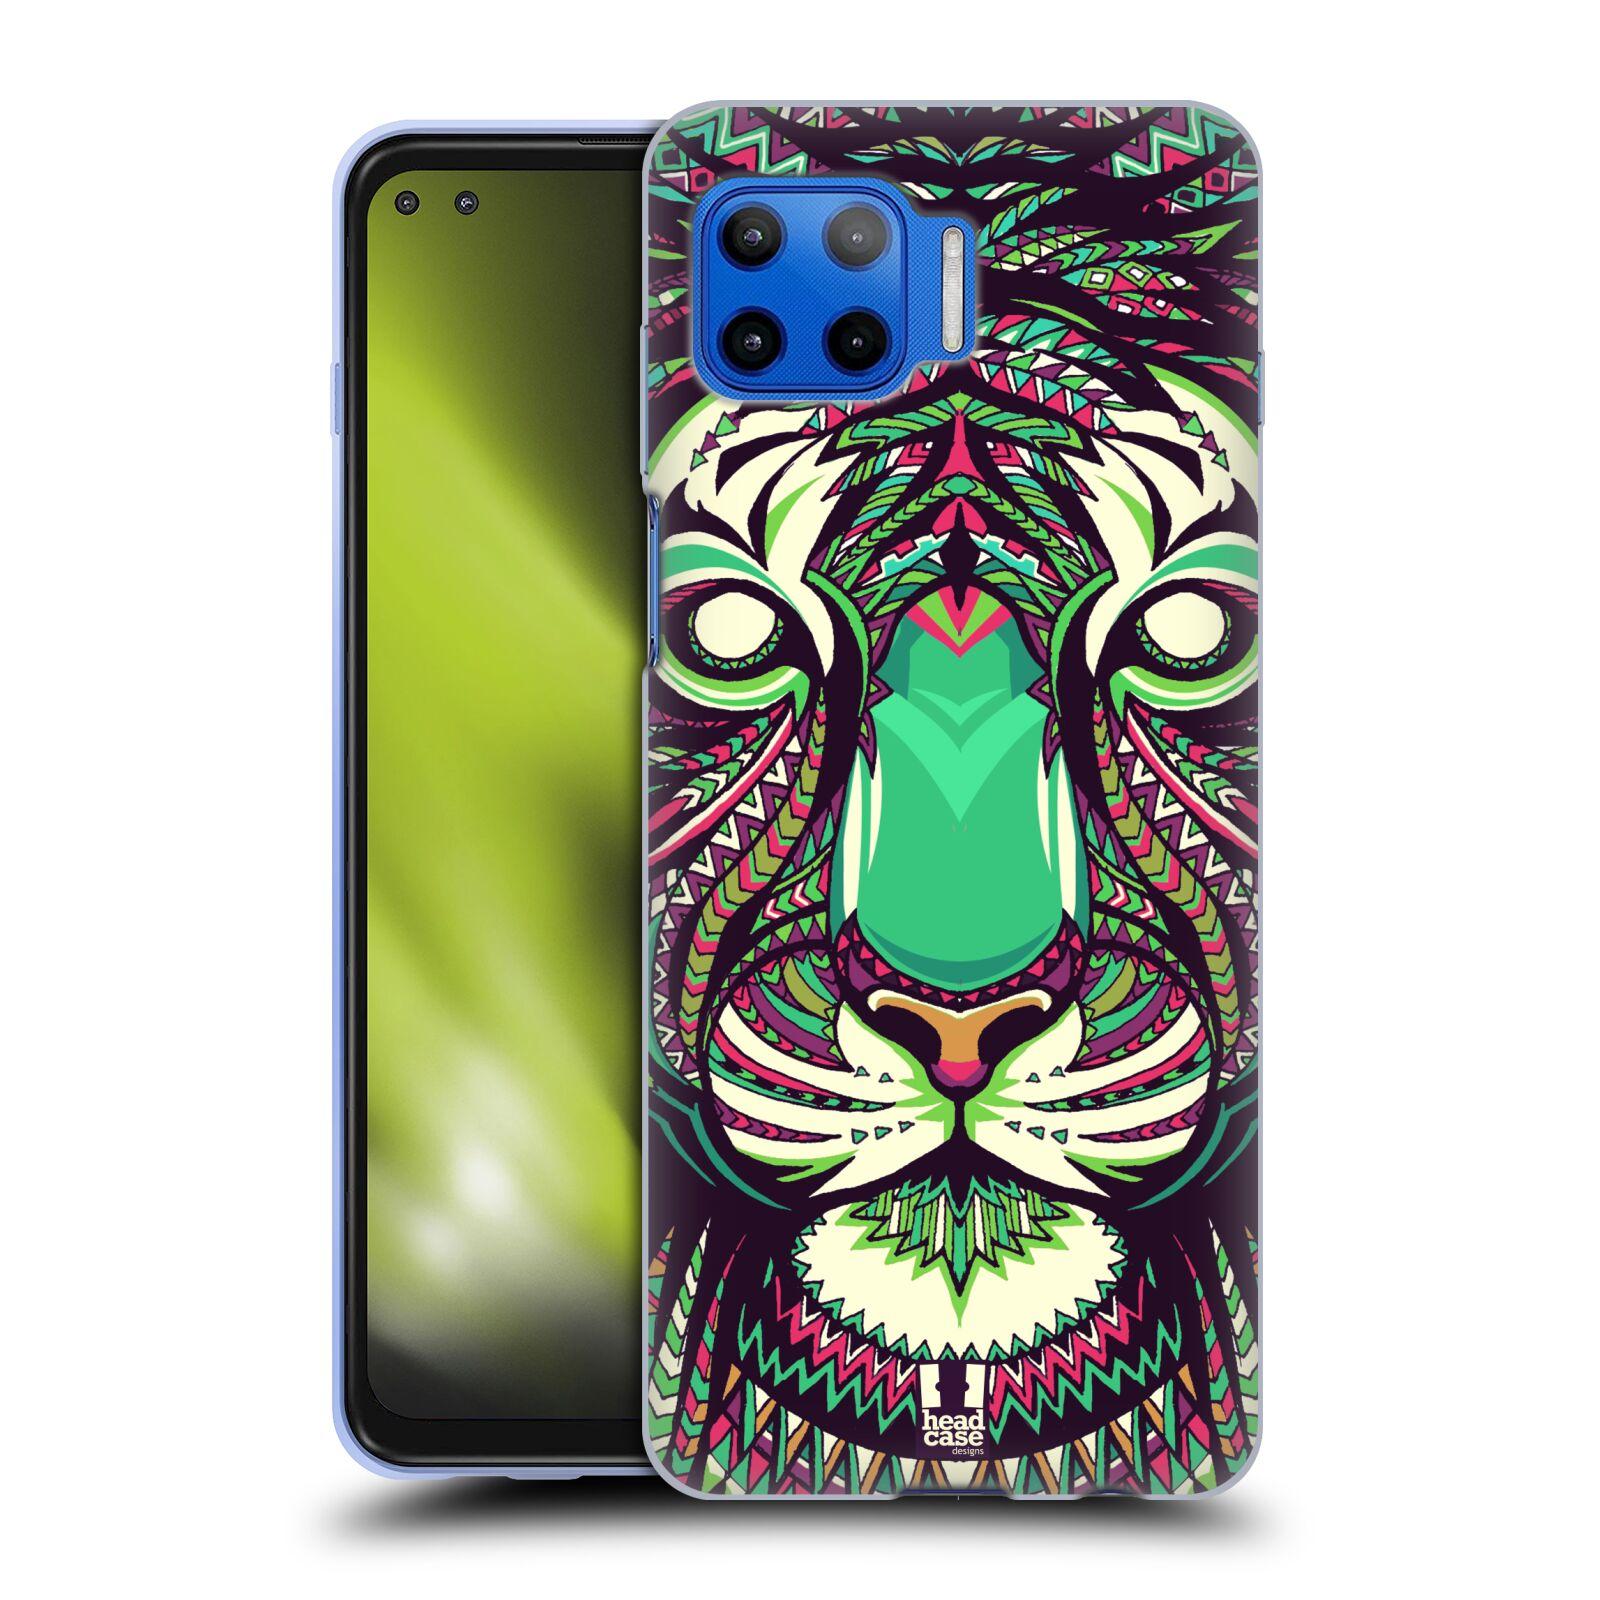 Silikonové pouzdro na mobil Motorola Moto G 5G Plus - Head Case - AZTEC TYGR